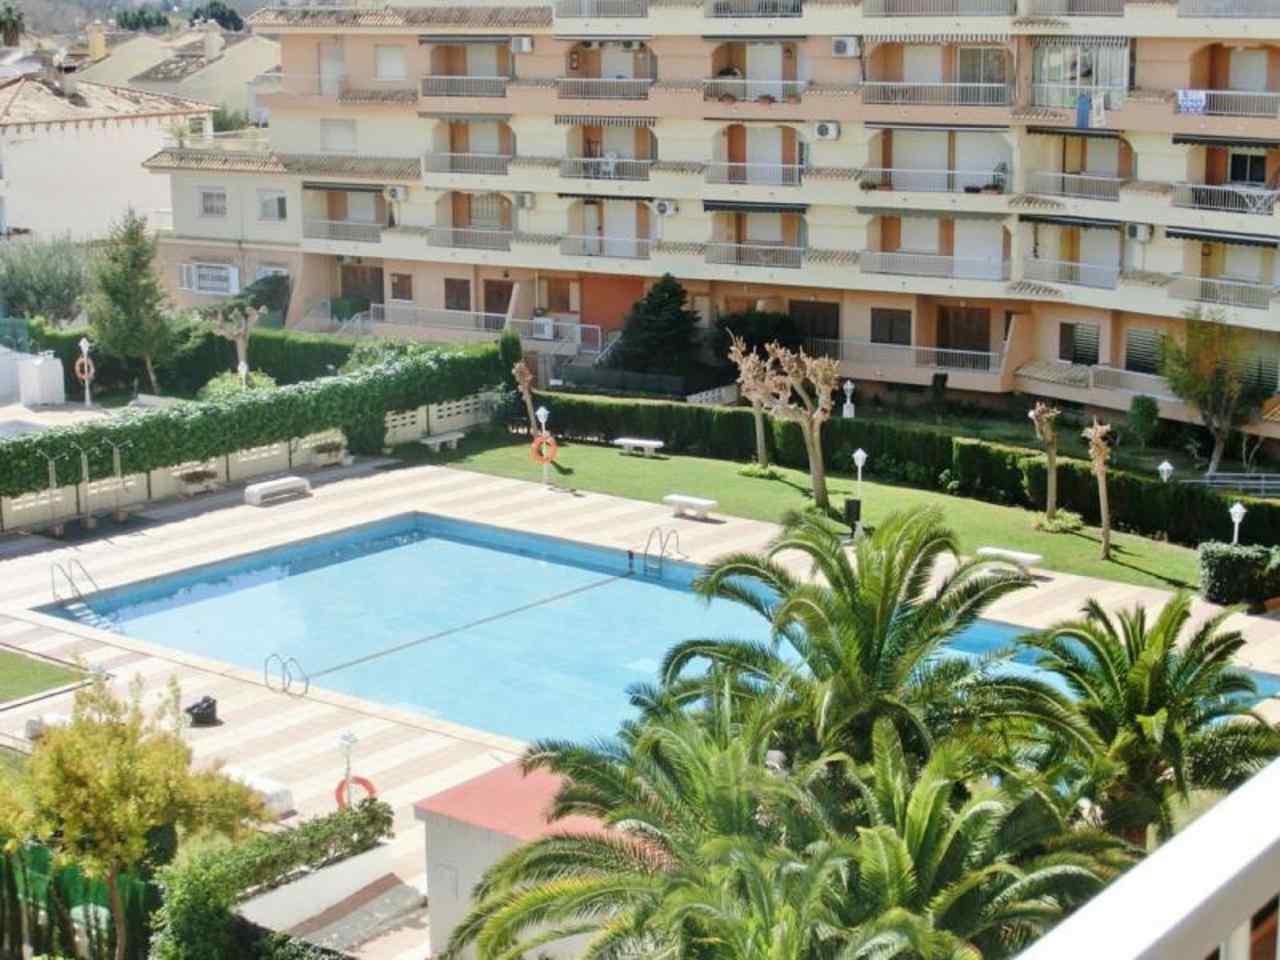 Habitaciones en alquiler Grau i Platja, Valencia